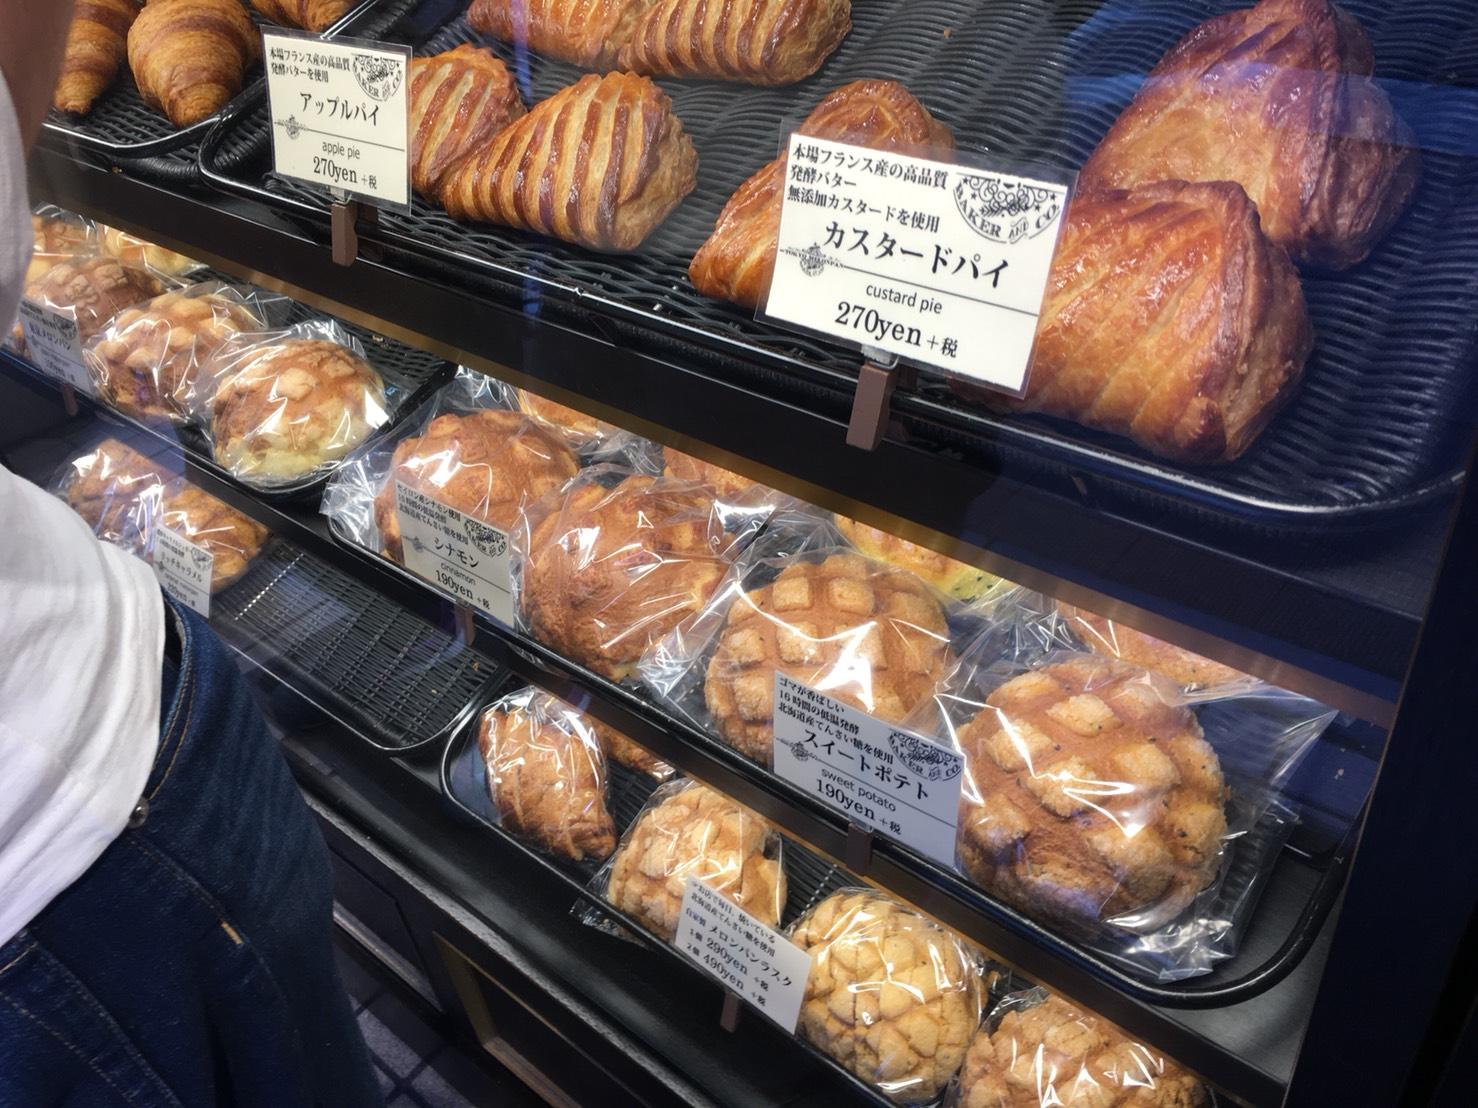 【巣鴨駅】賑わう巣鴨地蔵通り商店街をふらりお散歩〜の東京メロンパン巣鴨地蔵通り店のメロンパン